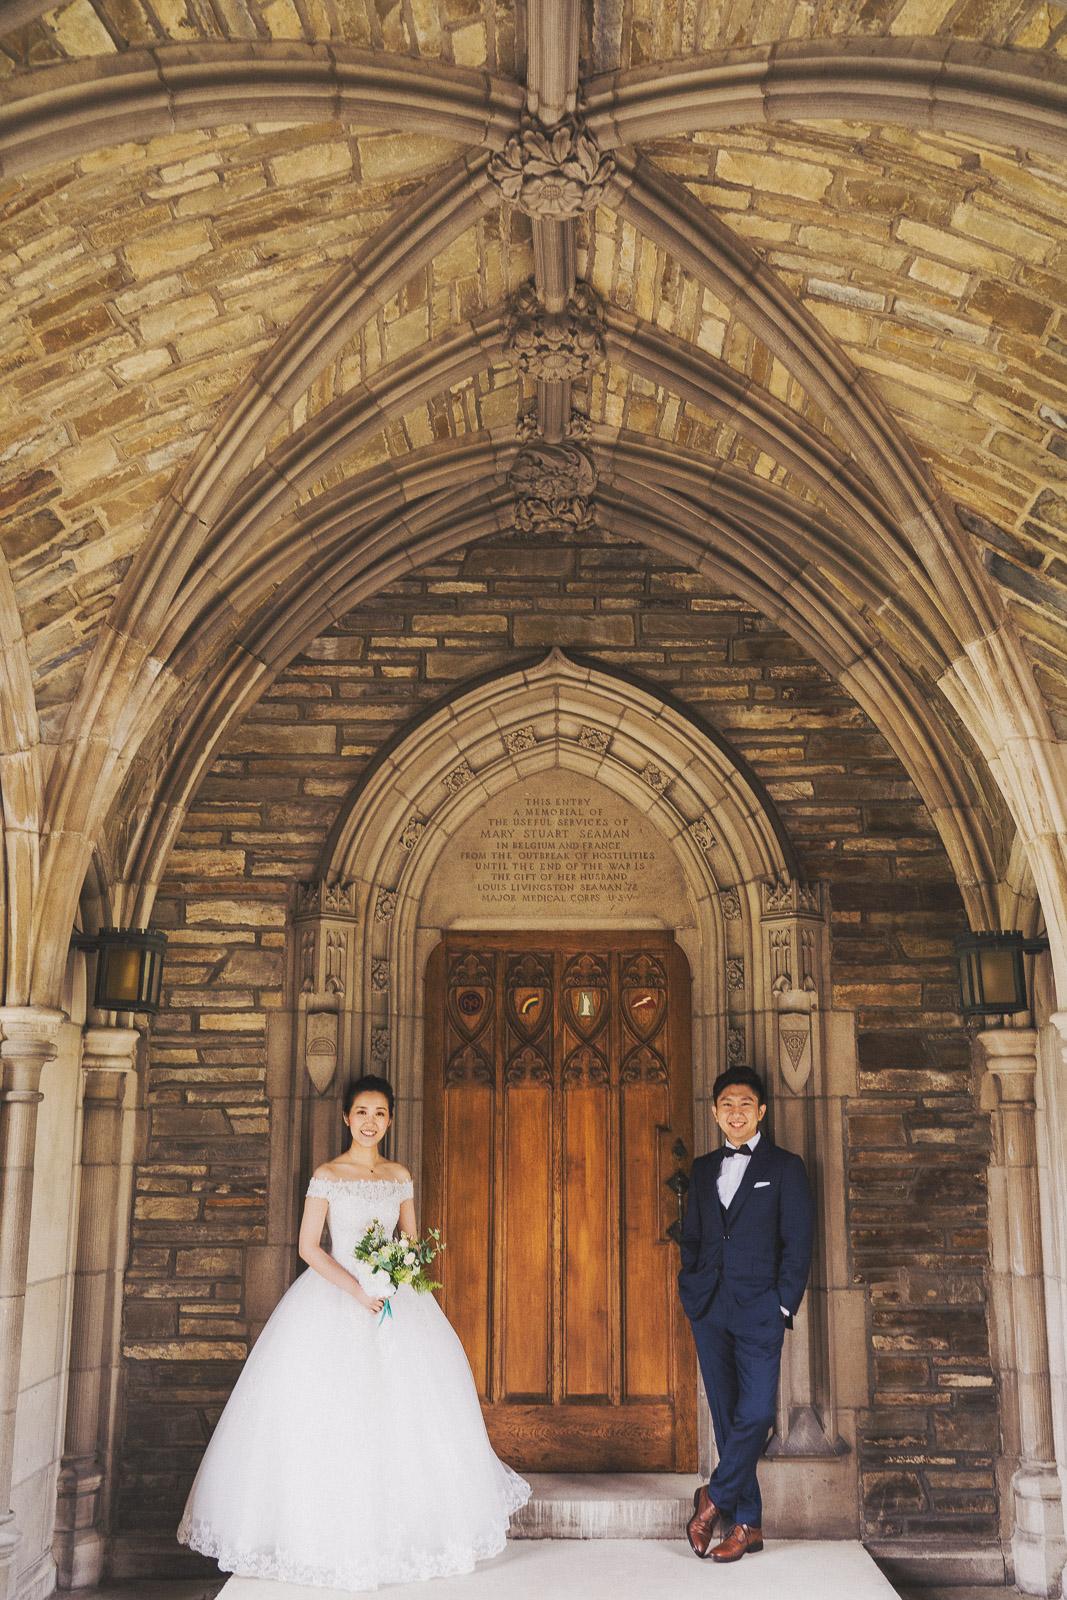 美國校園婚紗,美式風格婚紗